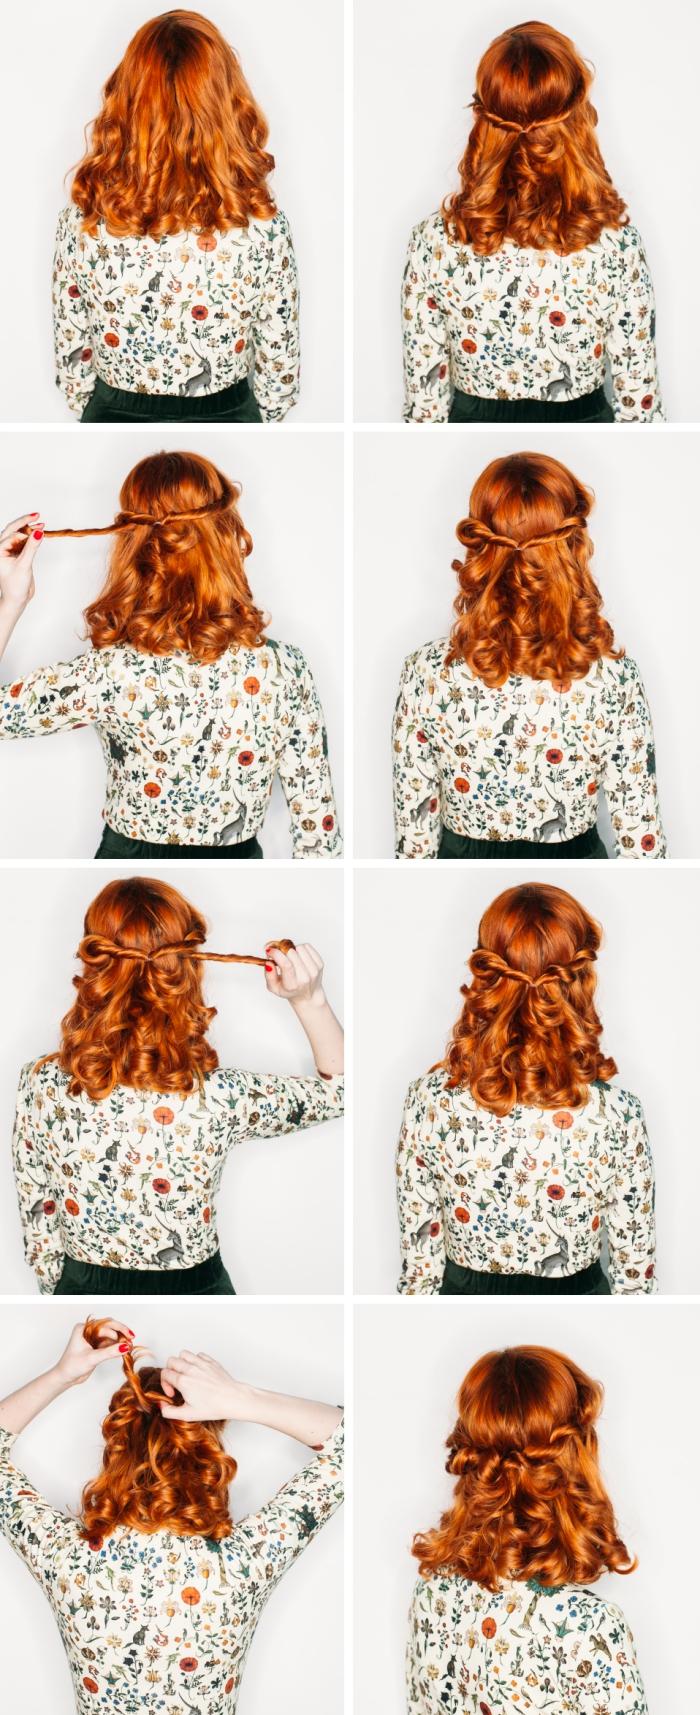 tuto coiffure facile, exemple comment faire une coiffure aux cheveux lâchés bouclés avec couronne mèches twistée